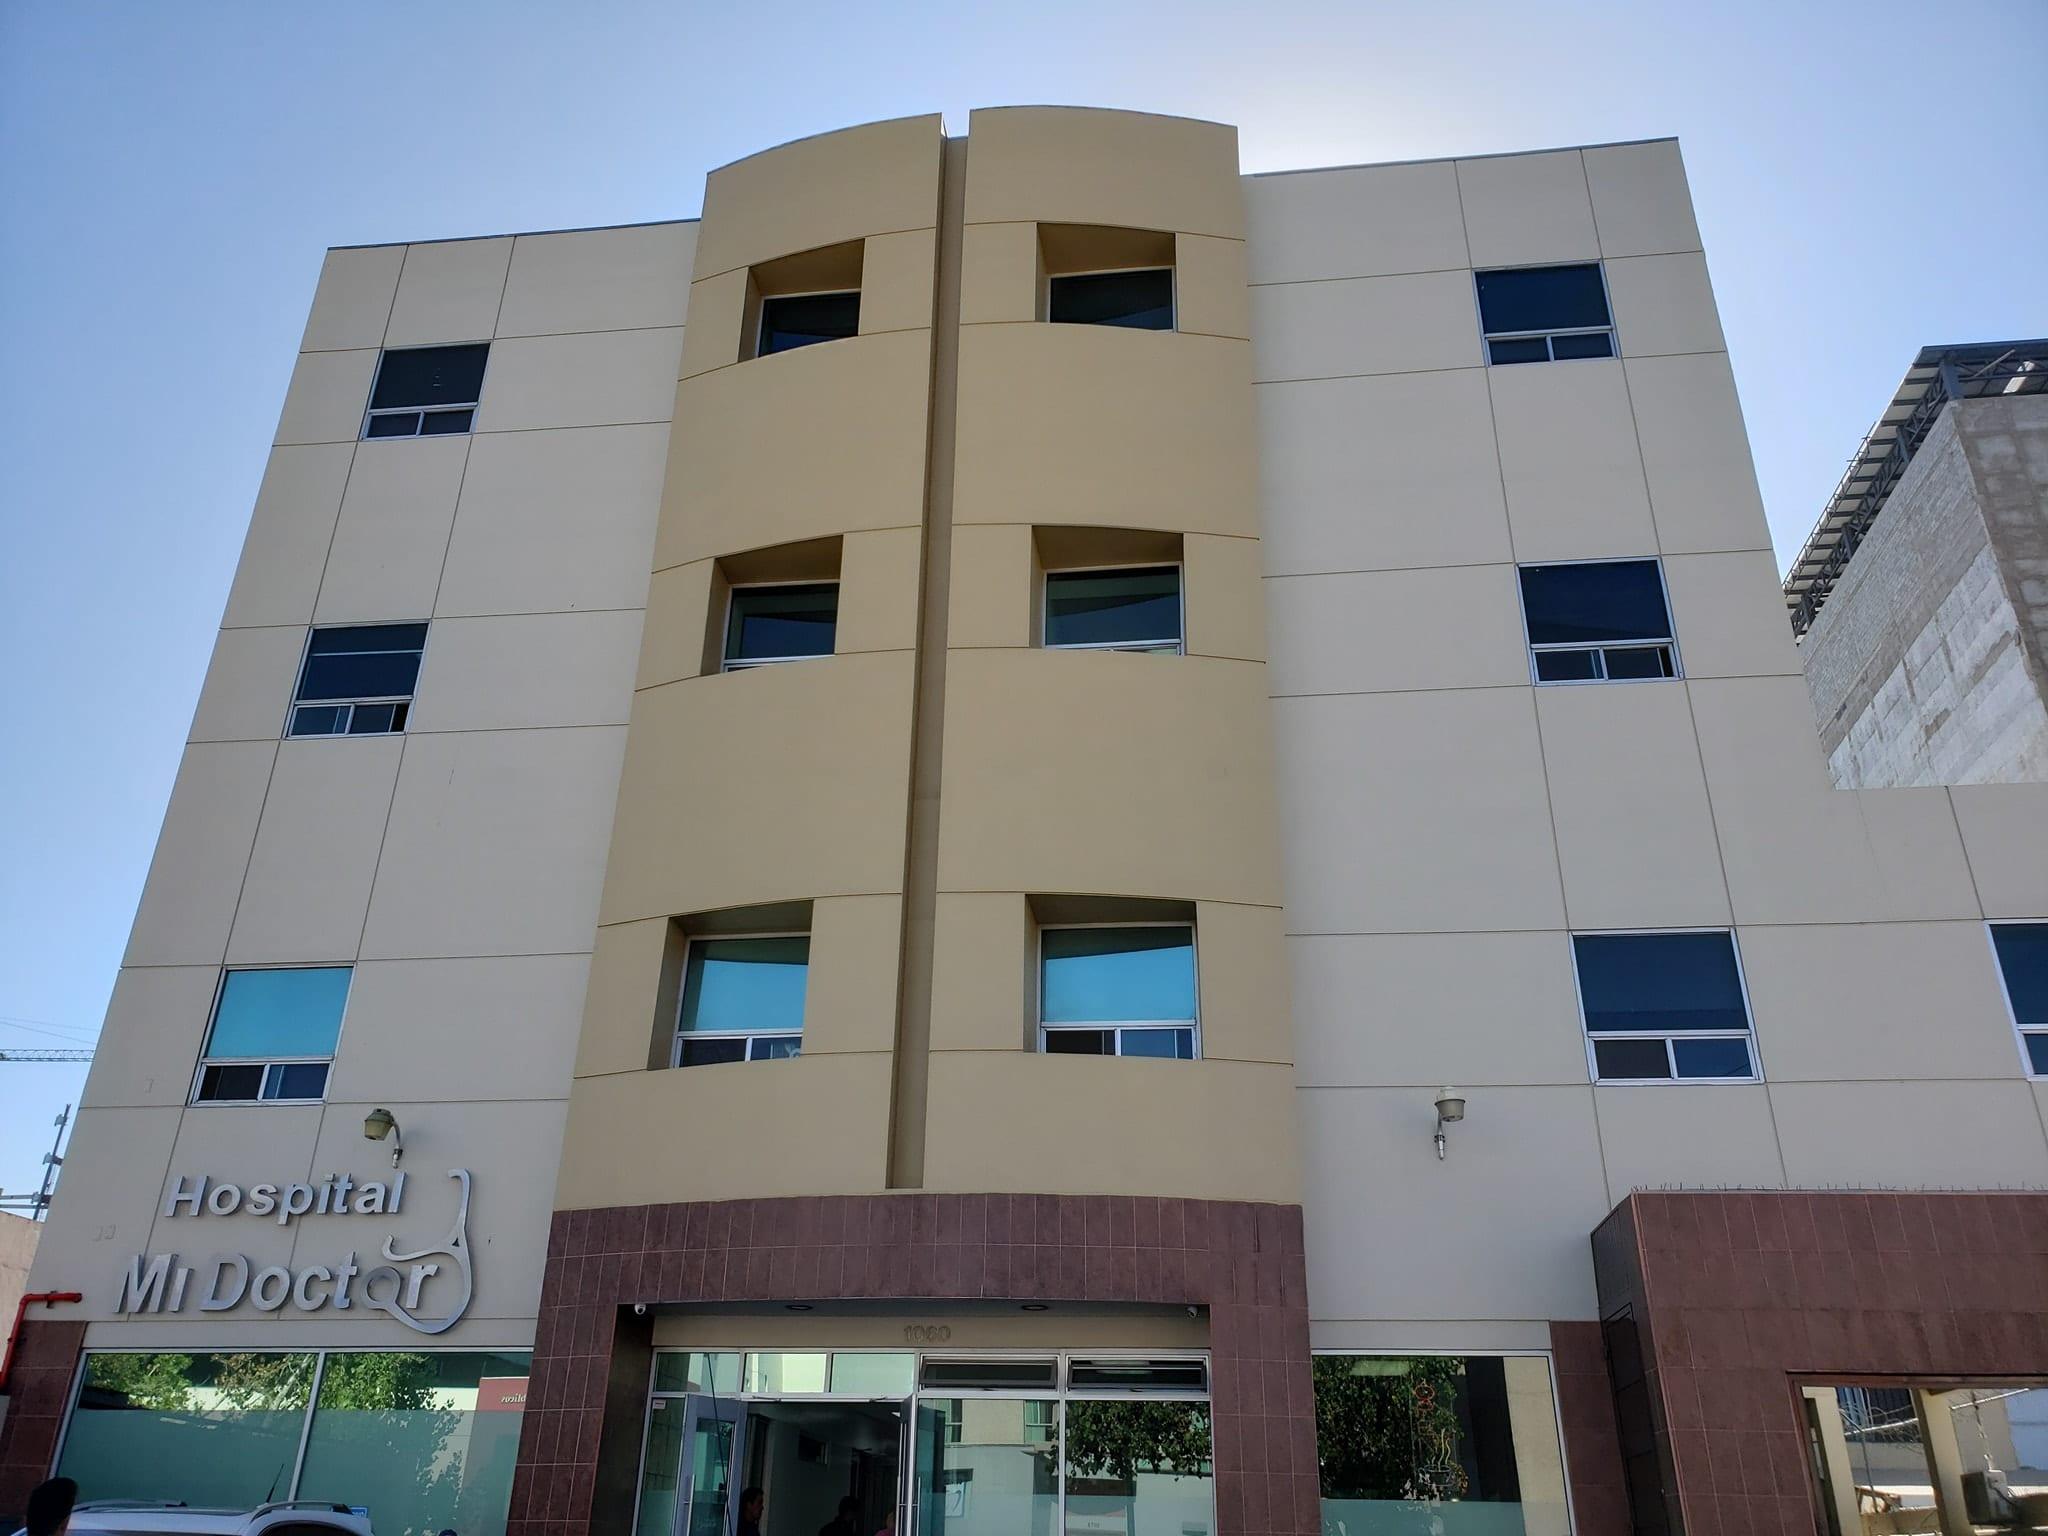 Hospital Mi Doctor in Tijuana